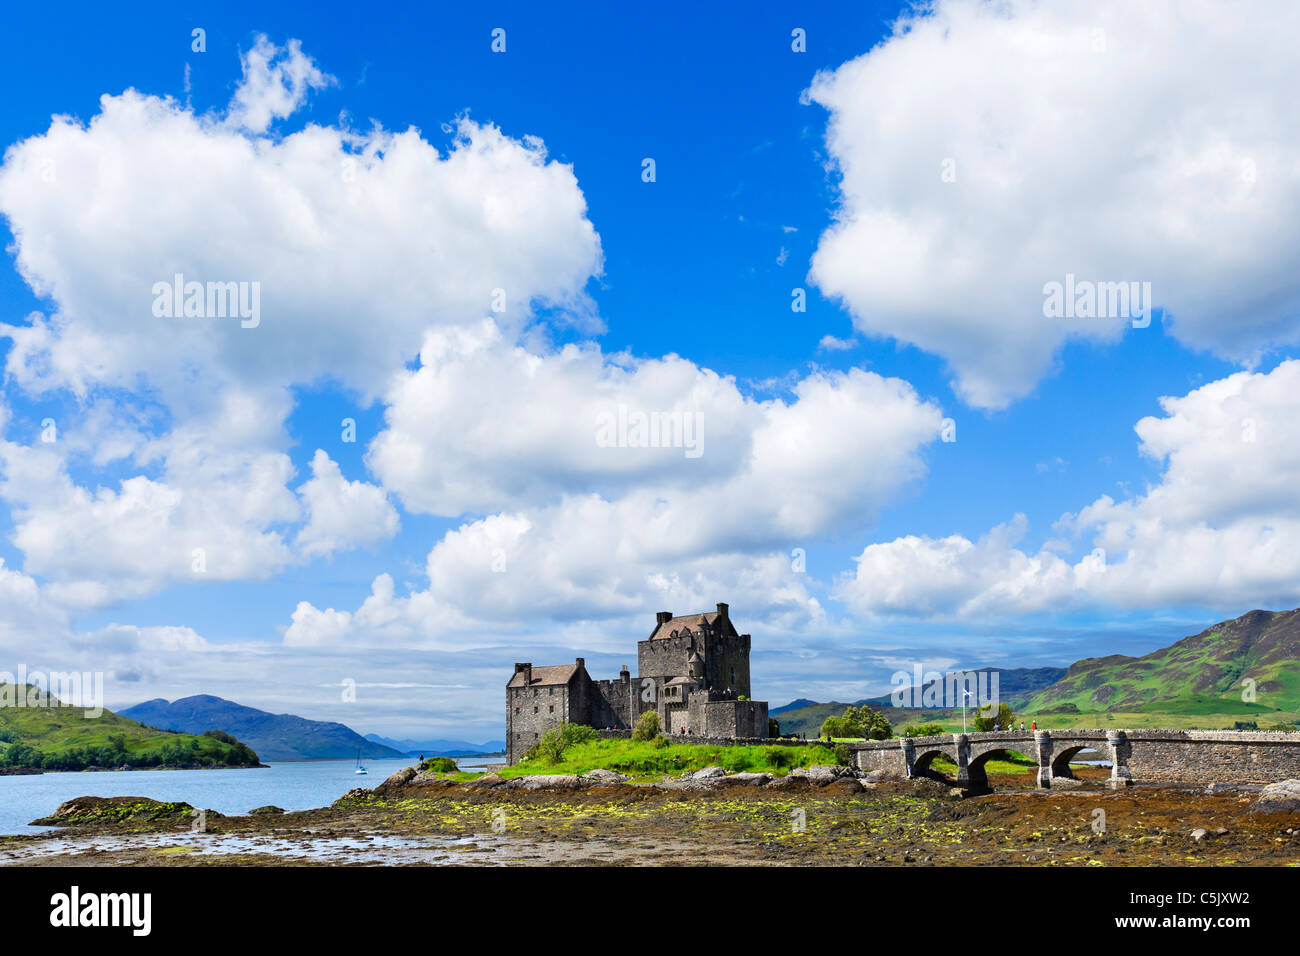 Vista in direzione di Eilean Donan Castle e Loch Duich, Highland, Scotland, Regno Unito. Paesaggio scozzese / Paesaggi Immagini Stock